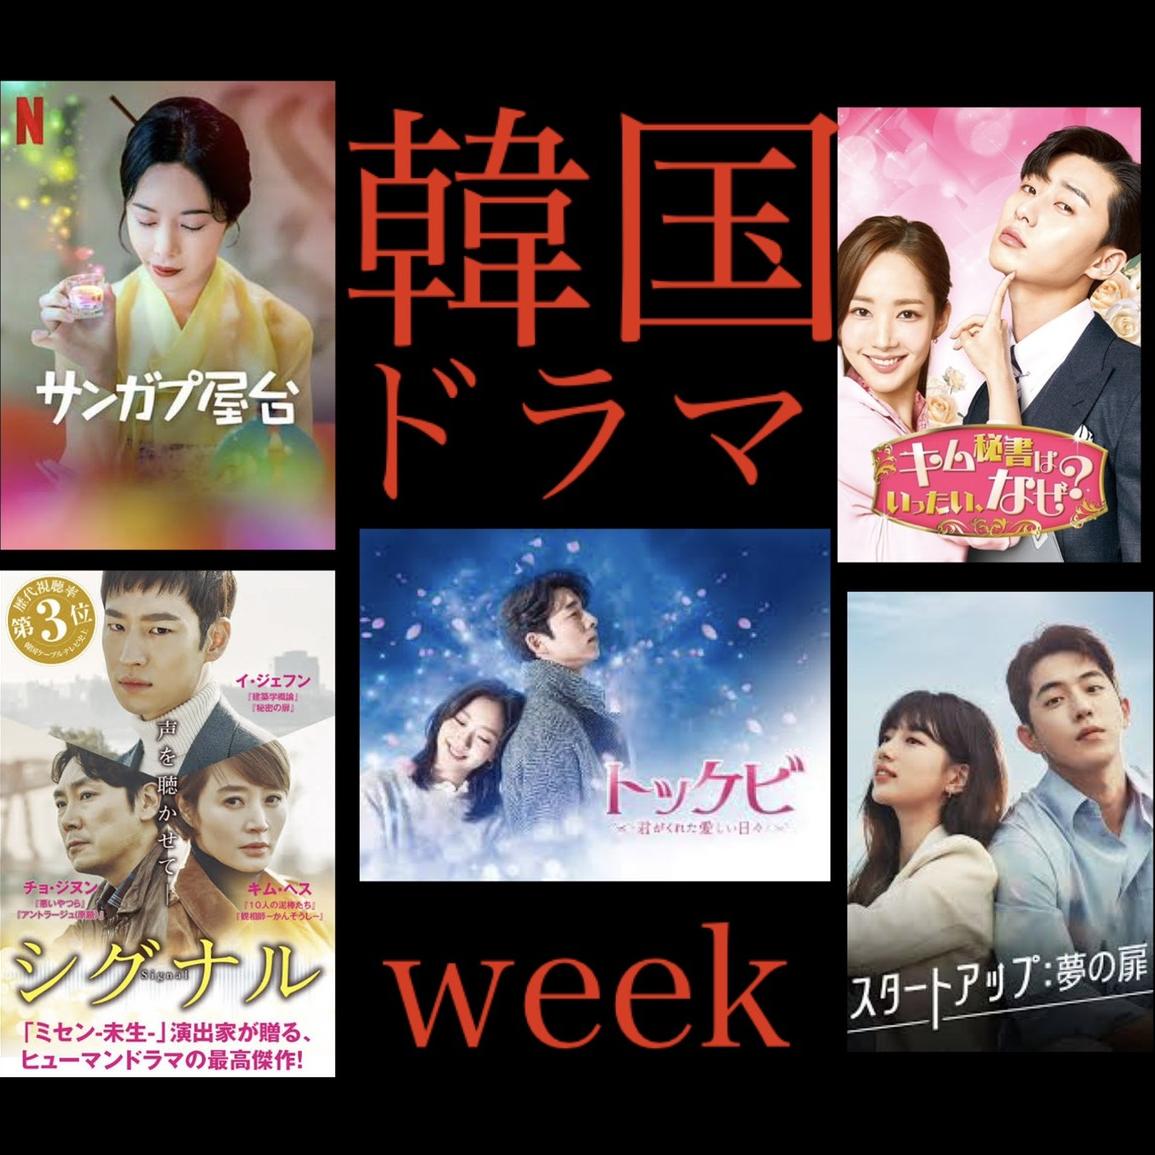 ゲイと女と「キム秘書はいったい、なぜ?」韓国ドラマWEEK (3/5)